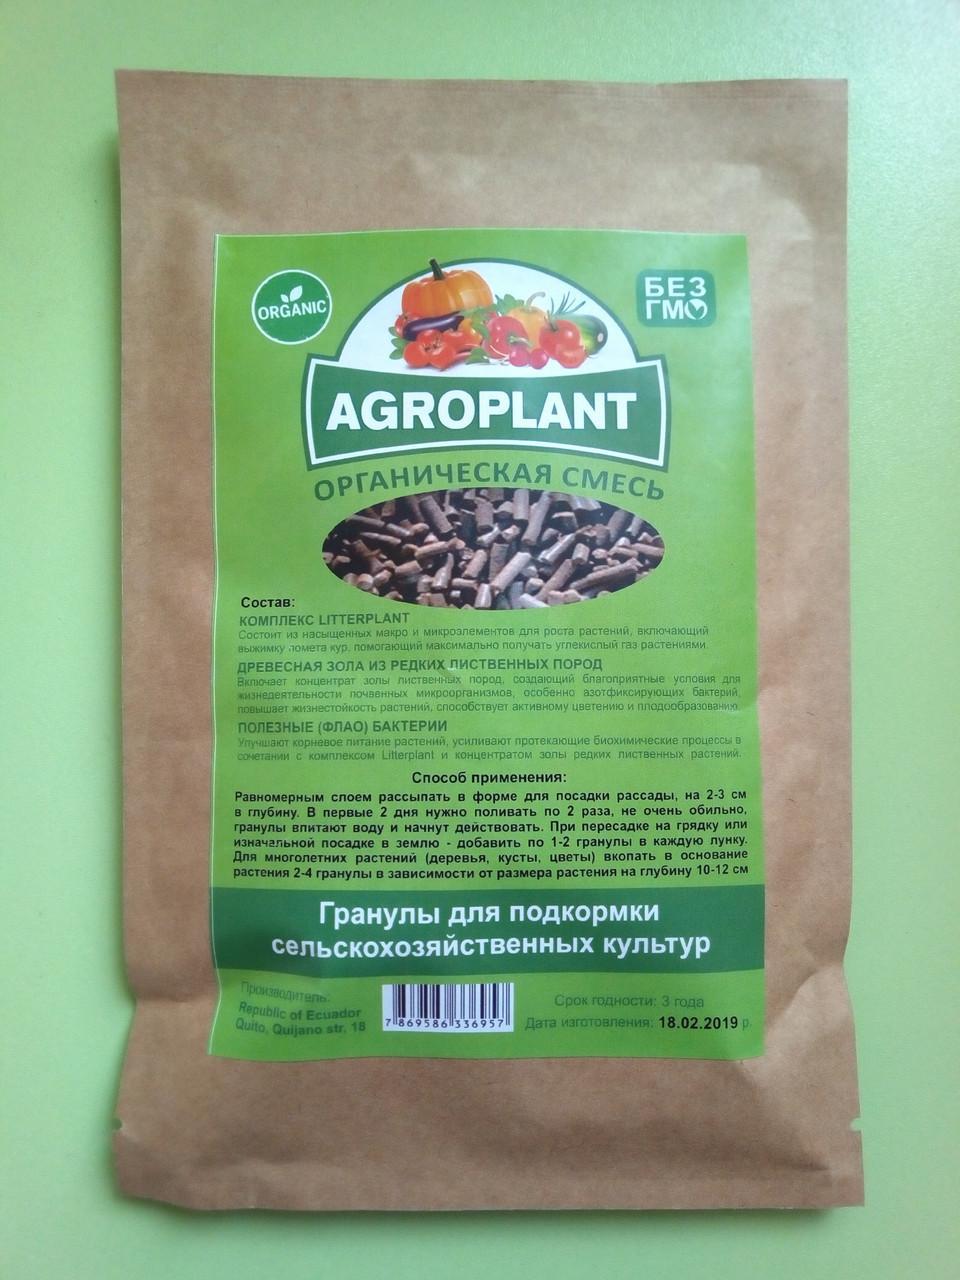 AGROPLANT - биоудобрение в Липецке